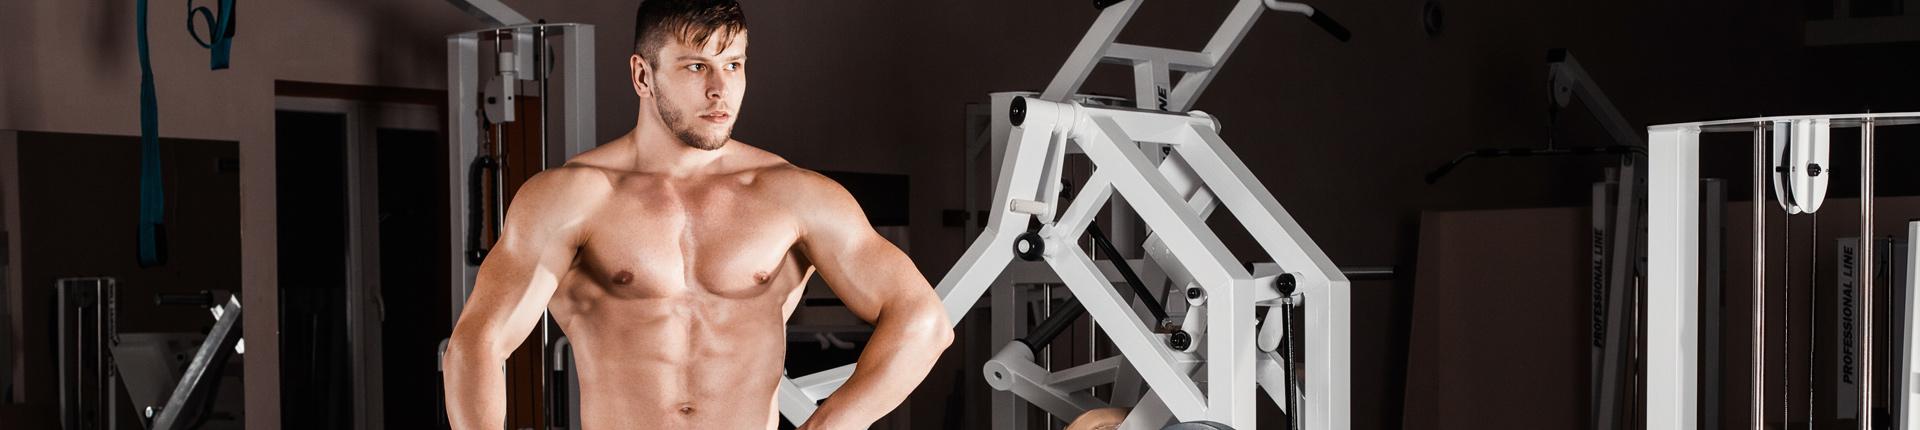 Najczęstsze pytania jakie słyszę dotyczące diety i treningu. CZĘŚĆ II